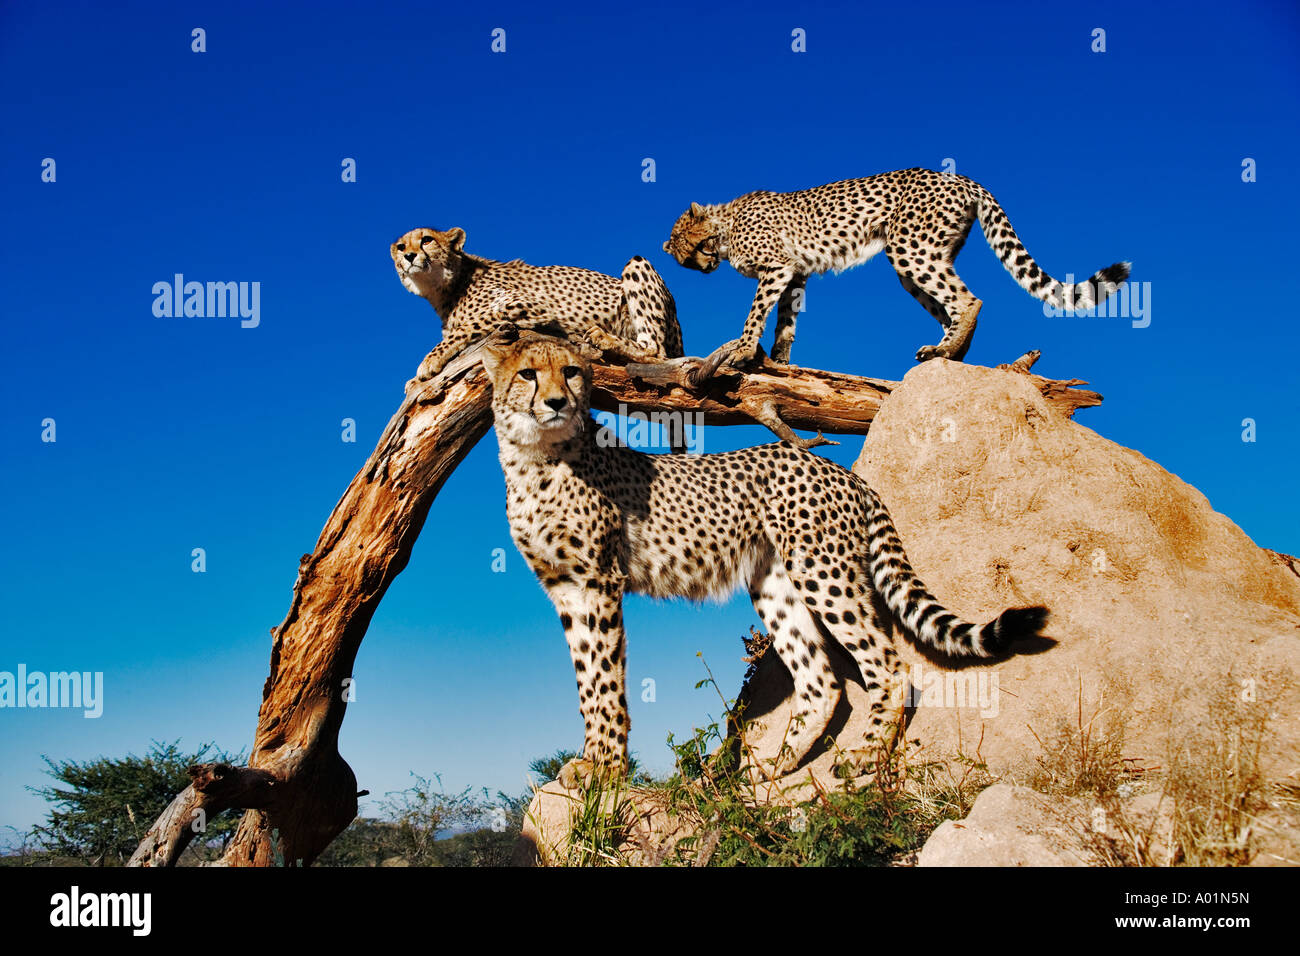 Gruppo di ghepardi utilizzando termite mound e filiale come una vantage point Namibia Immagini Stock